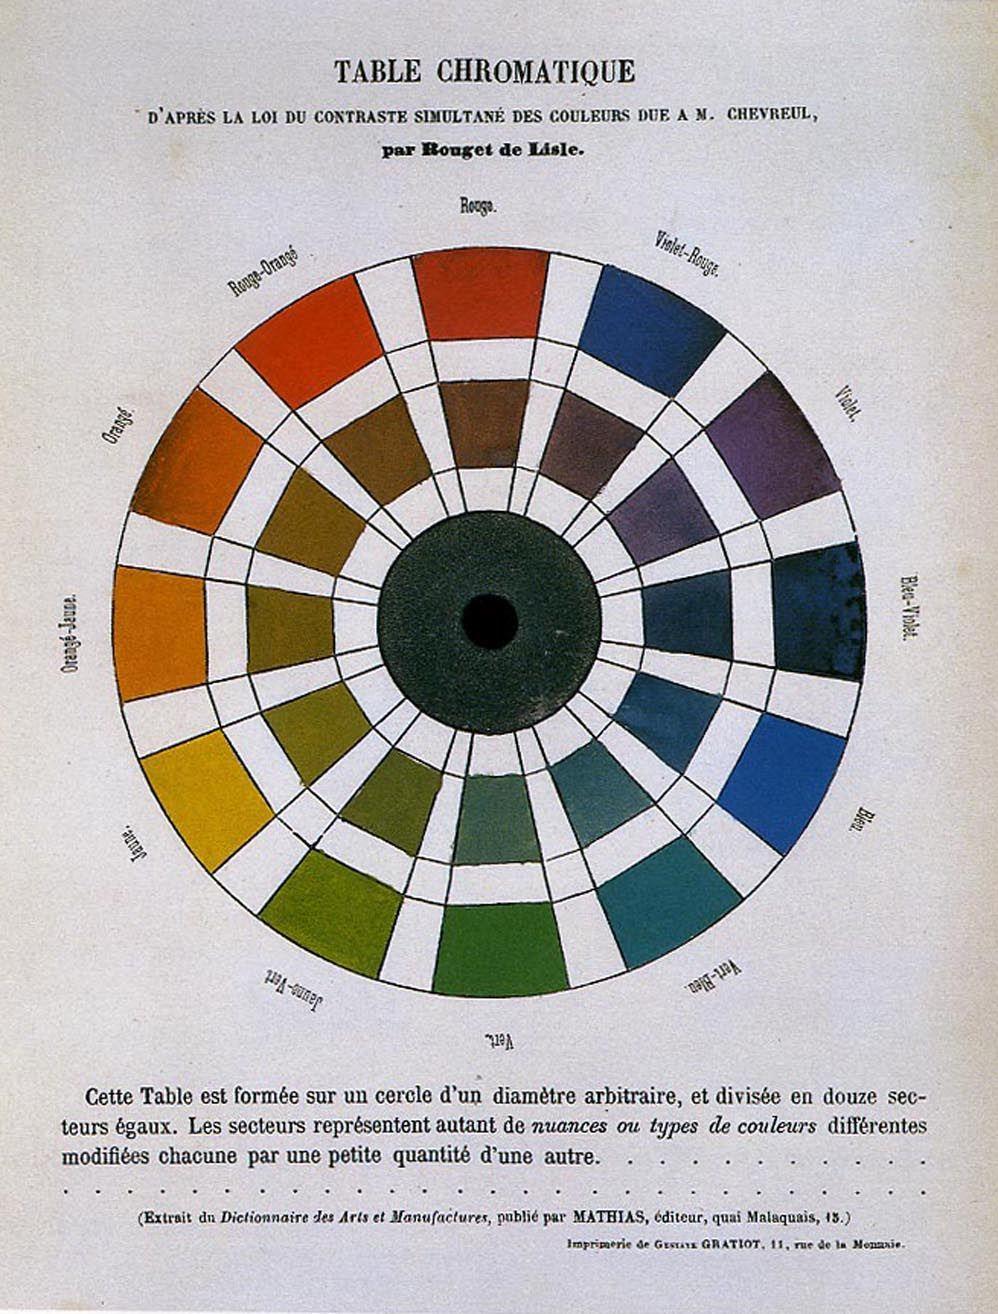 Rouget de Lisle Chromagraphie, Paris 1838, the Chromatic Table